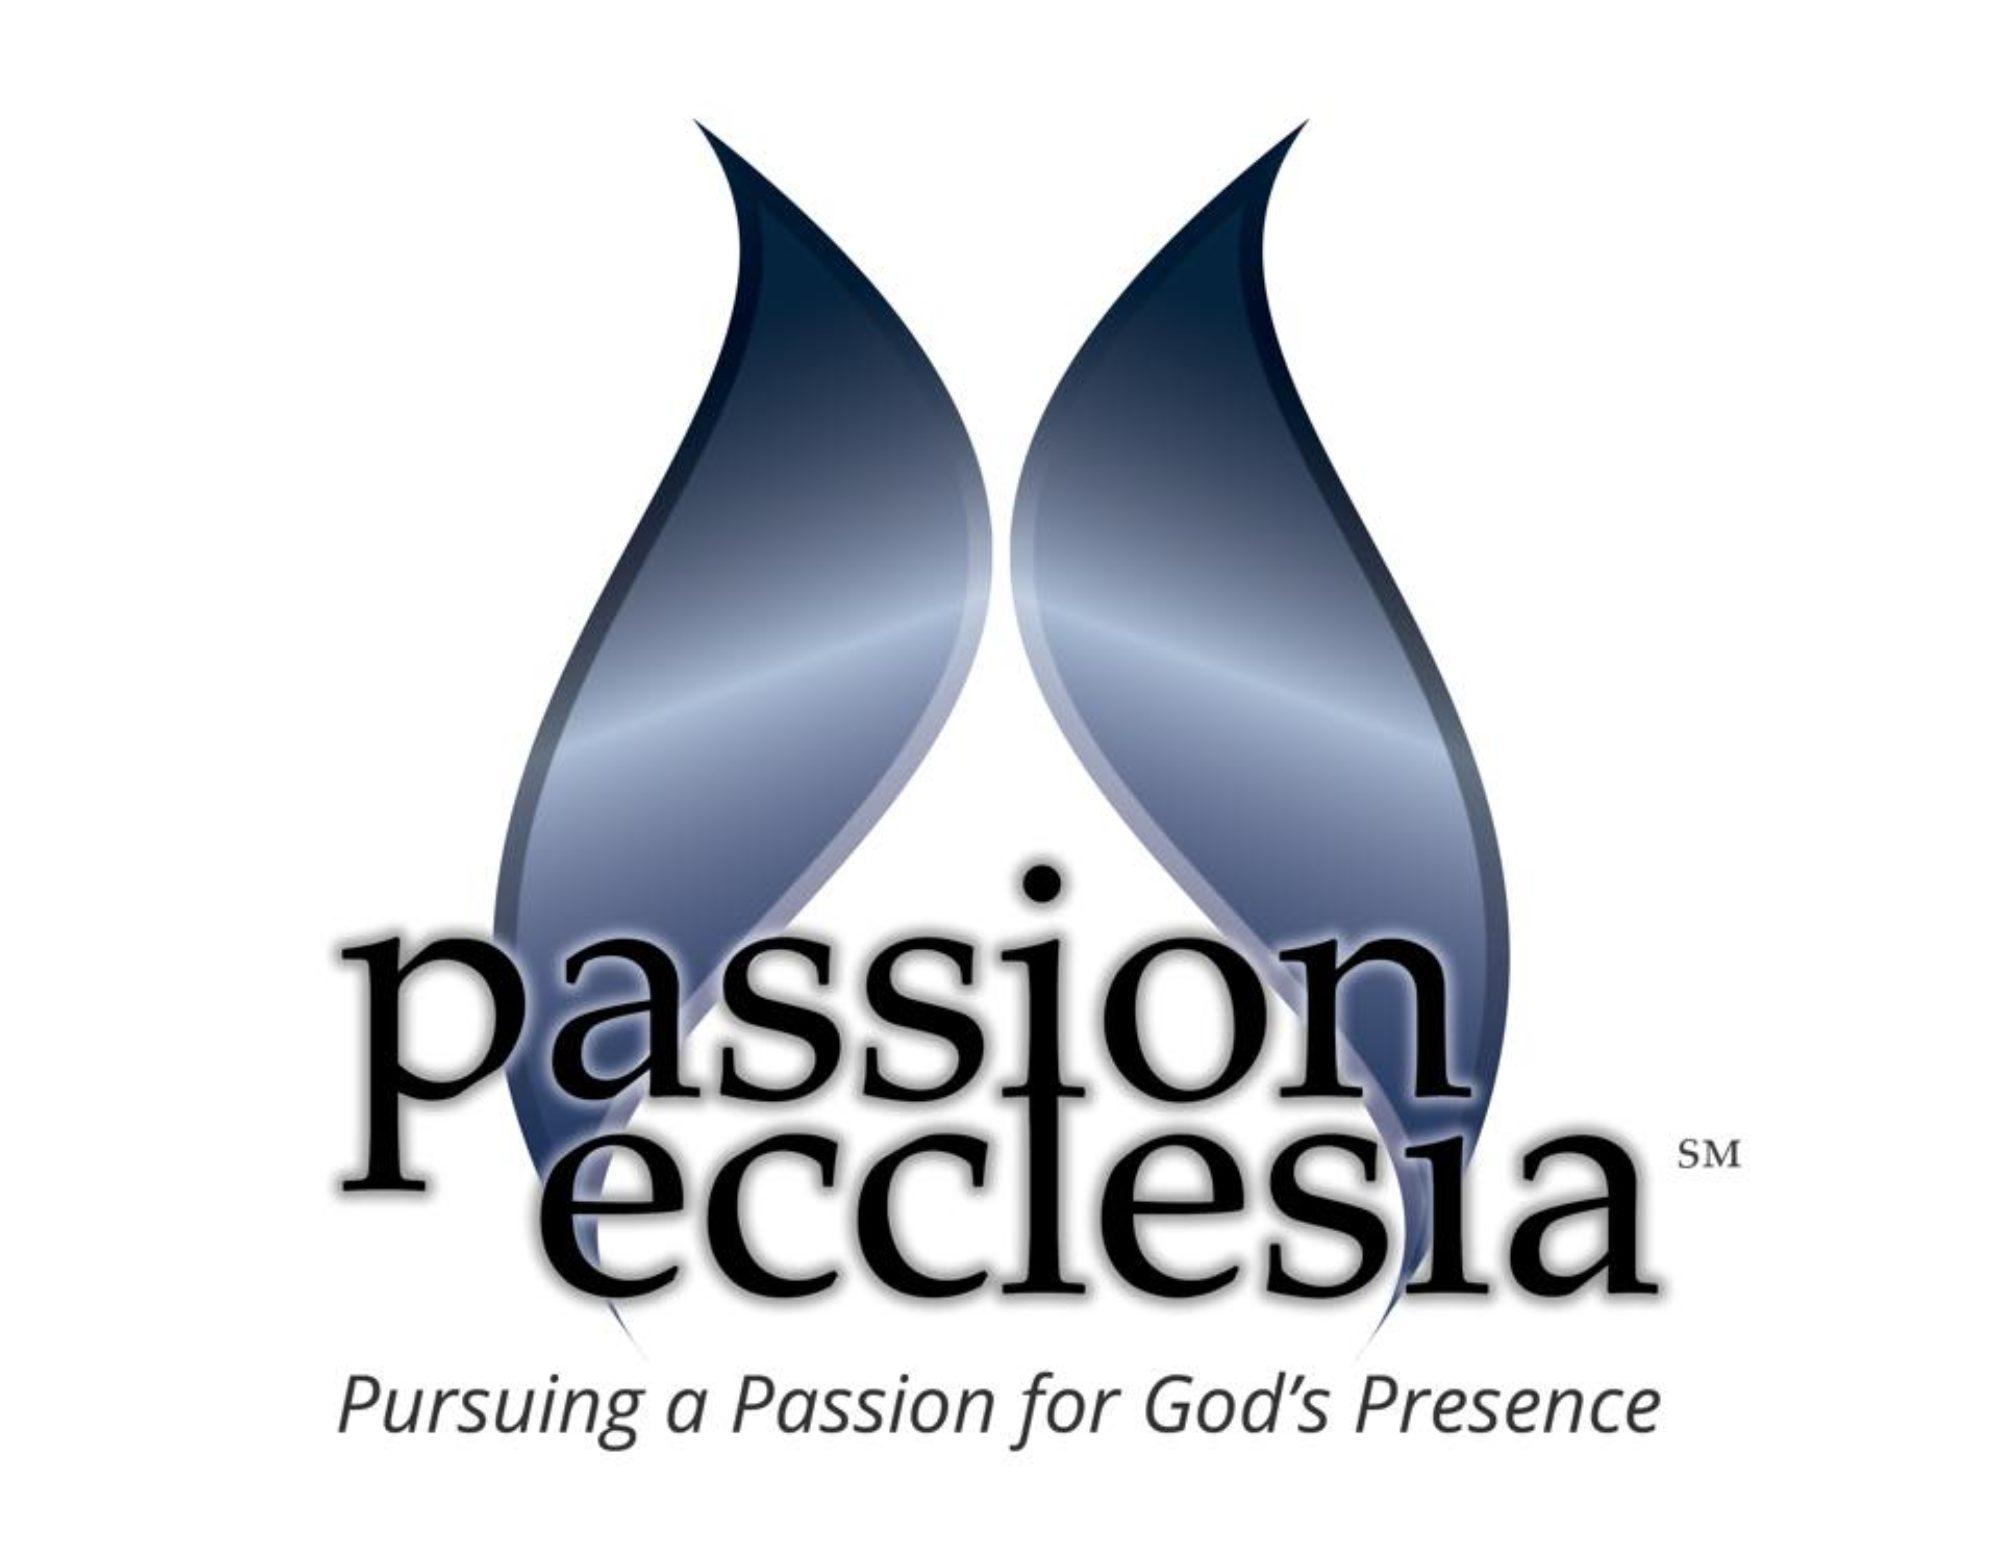 passion ecclesia